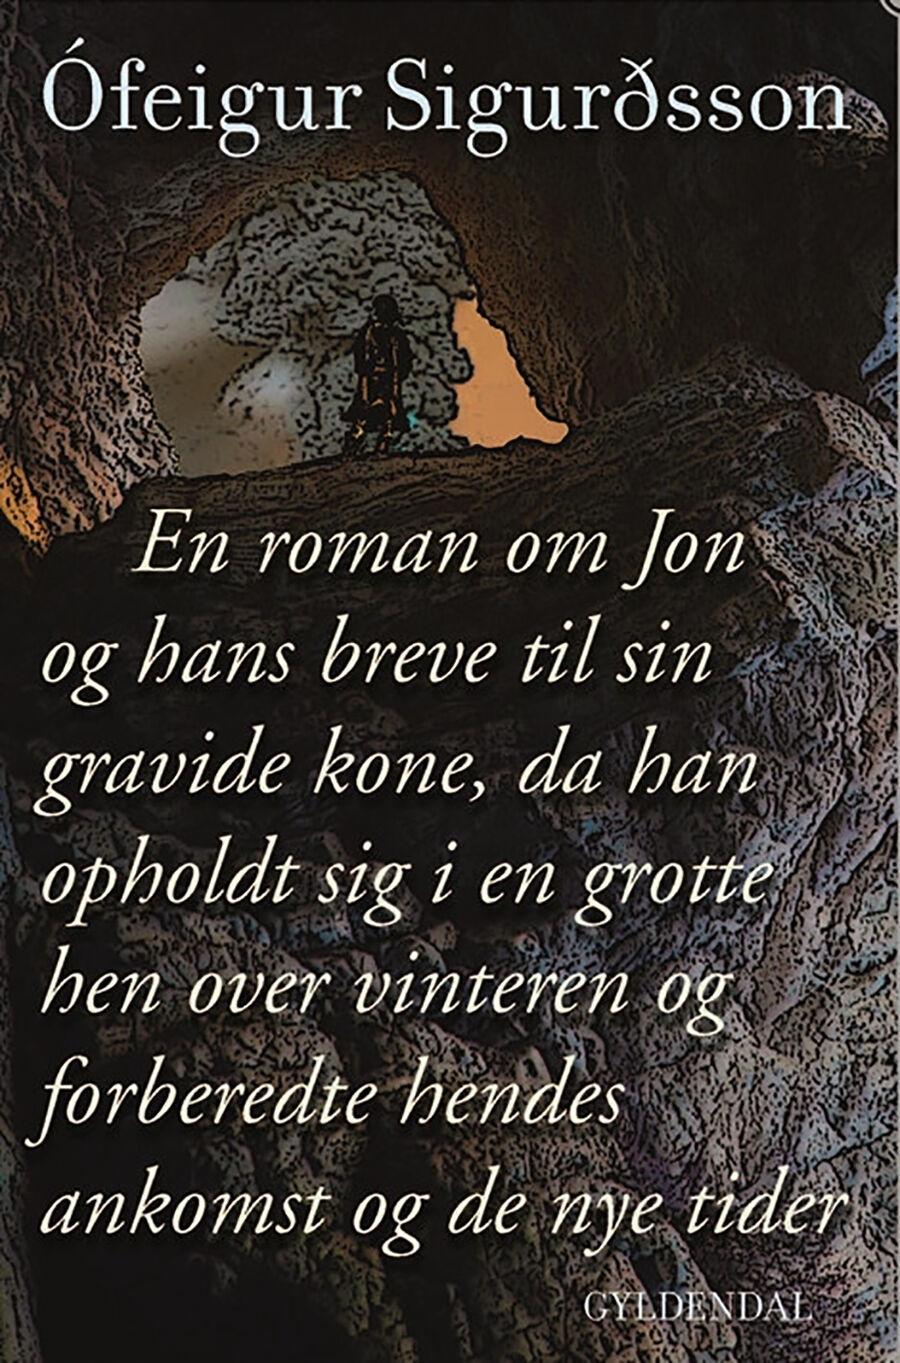 Drømmen om Island: Marie er på vej til Island, bl.a. inspireret af islandslitteratur!